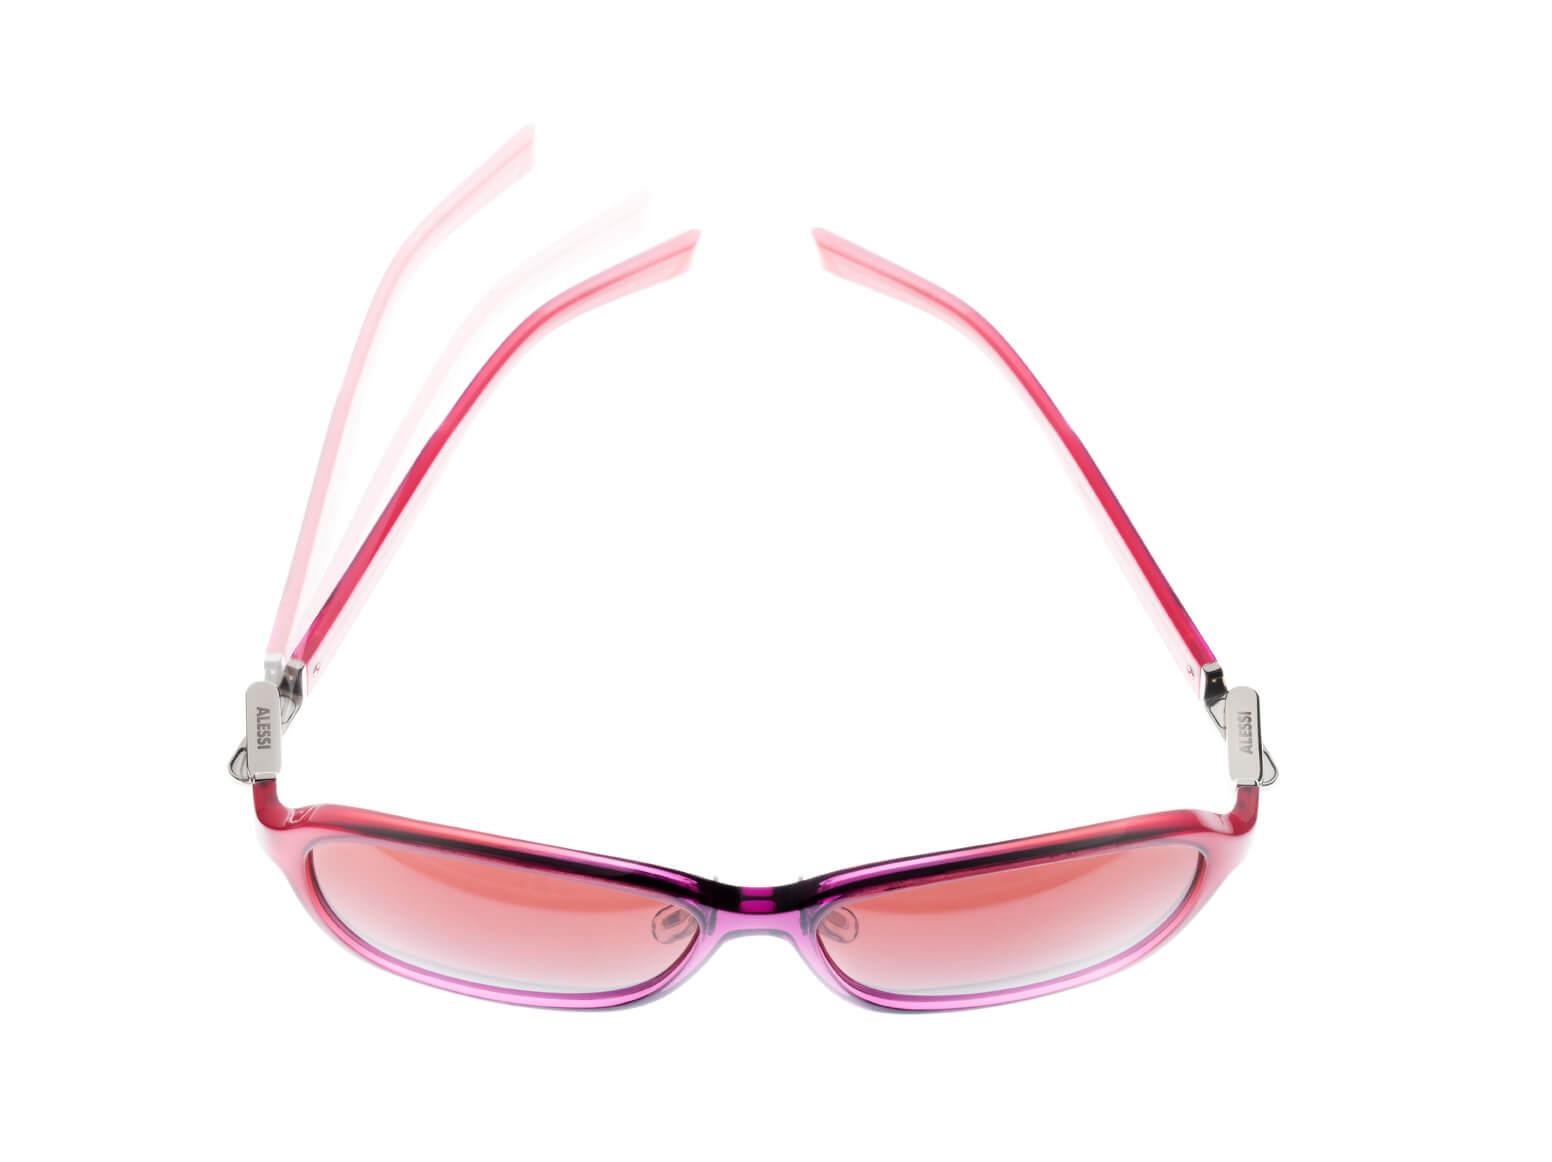 AlessiEyes-Kompas-sunglasses-eyewear-magnetic-hinge-01.jpg